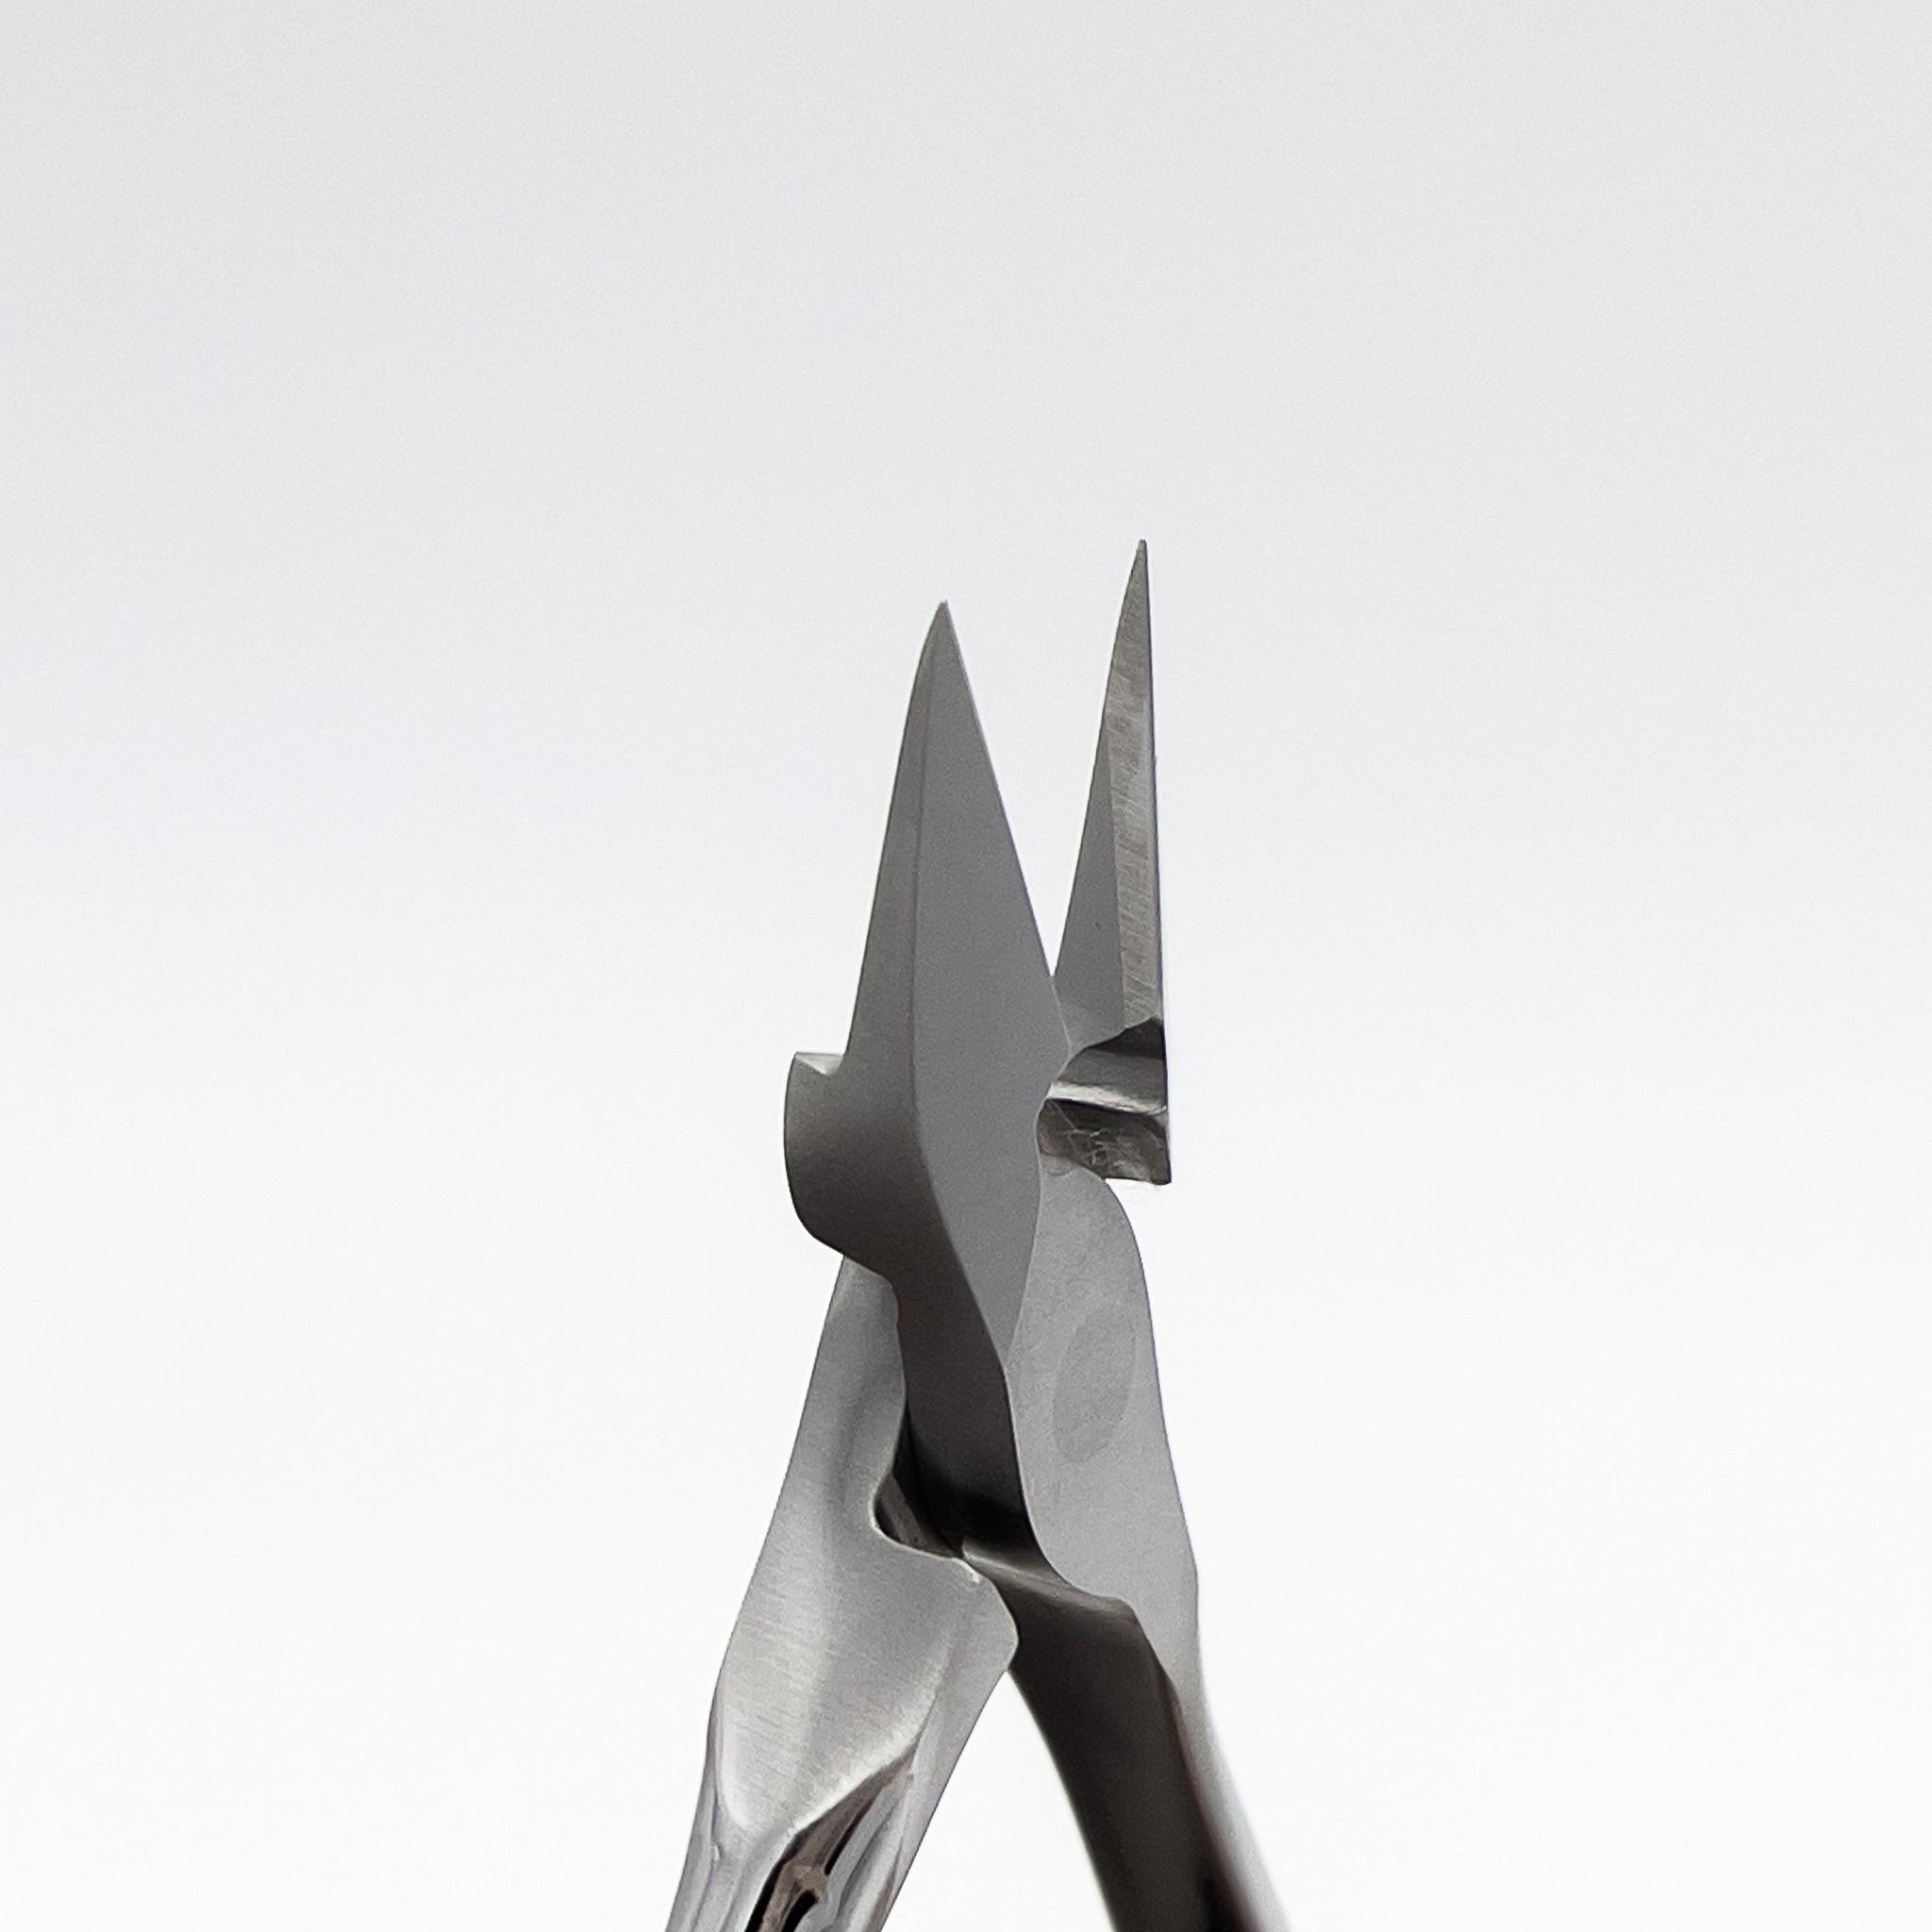 STALENA Hoektang spits  - schuine bek 14 mm KM-05 (N3-61-14)